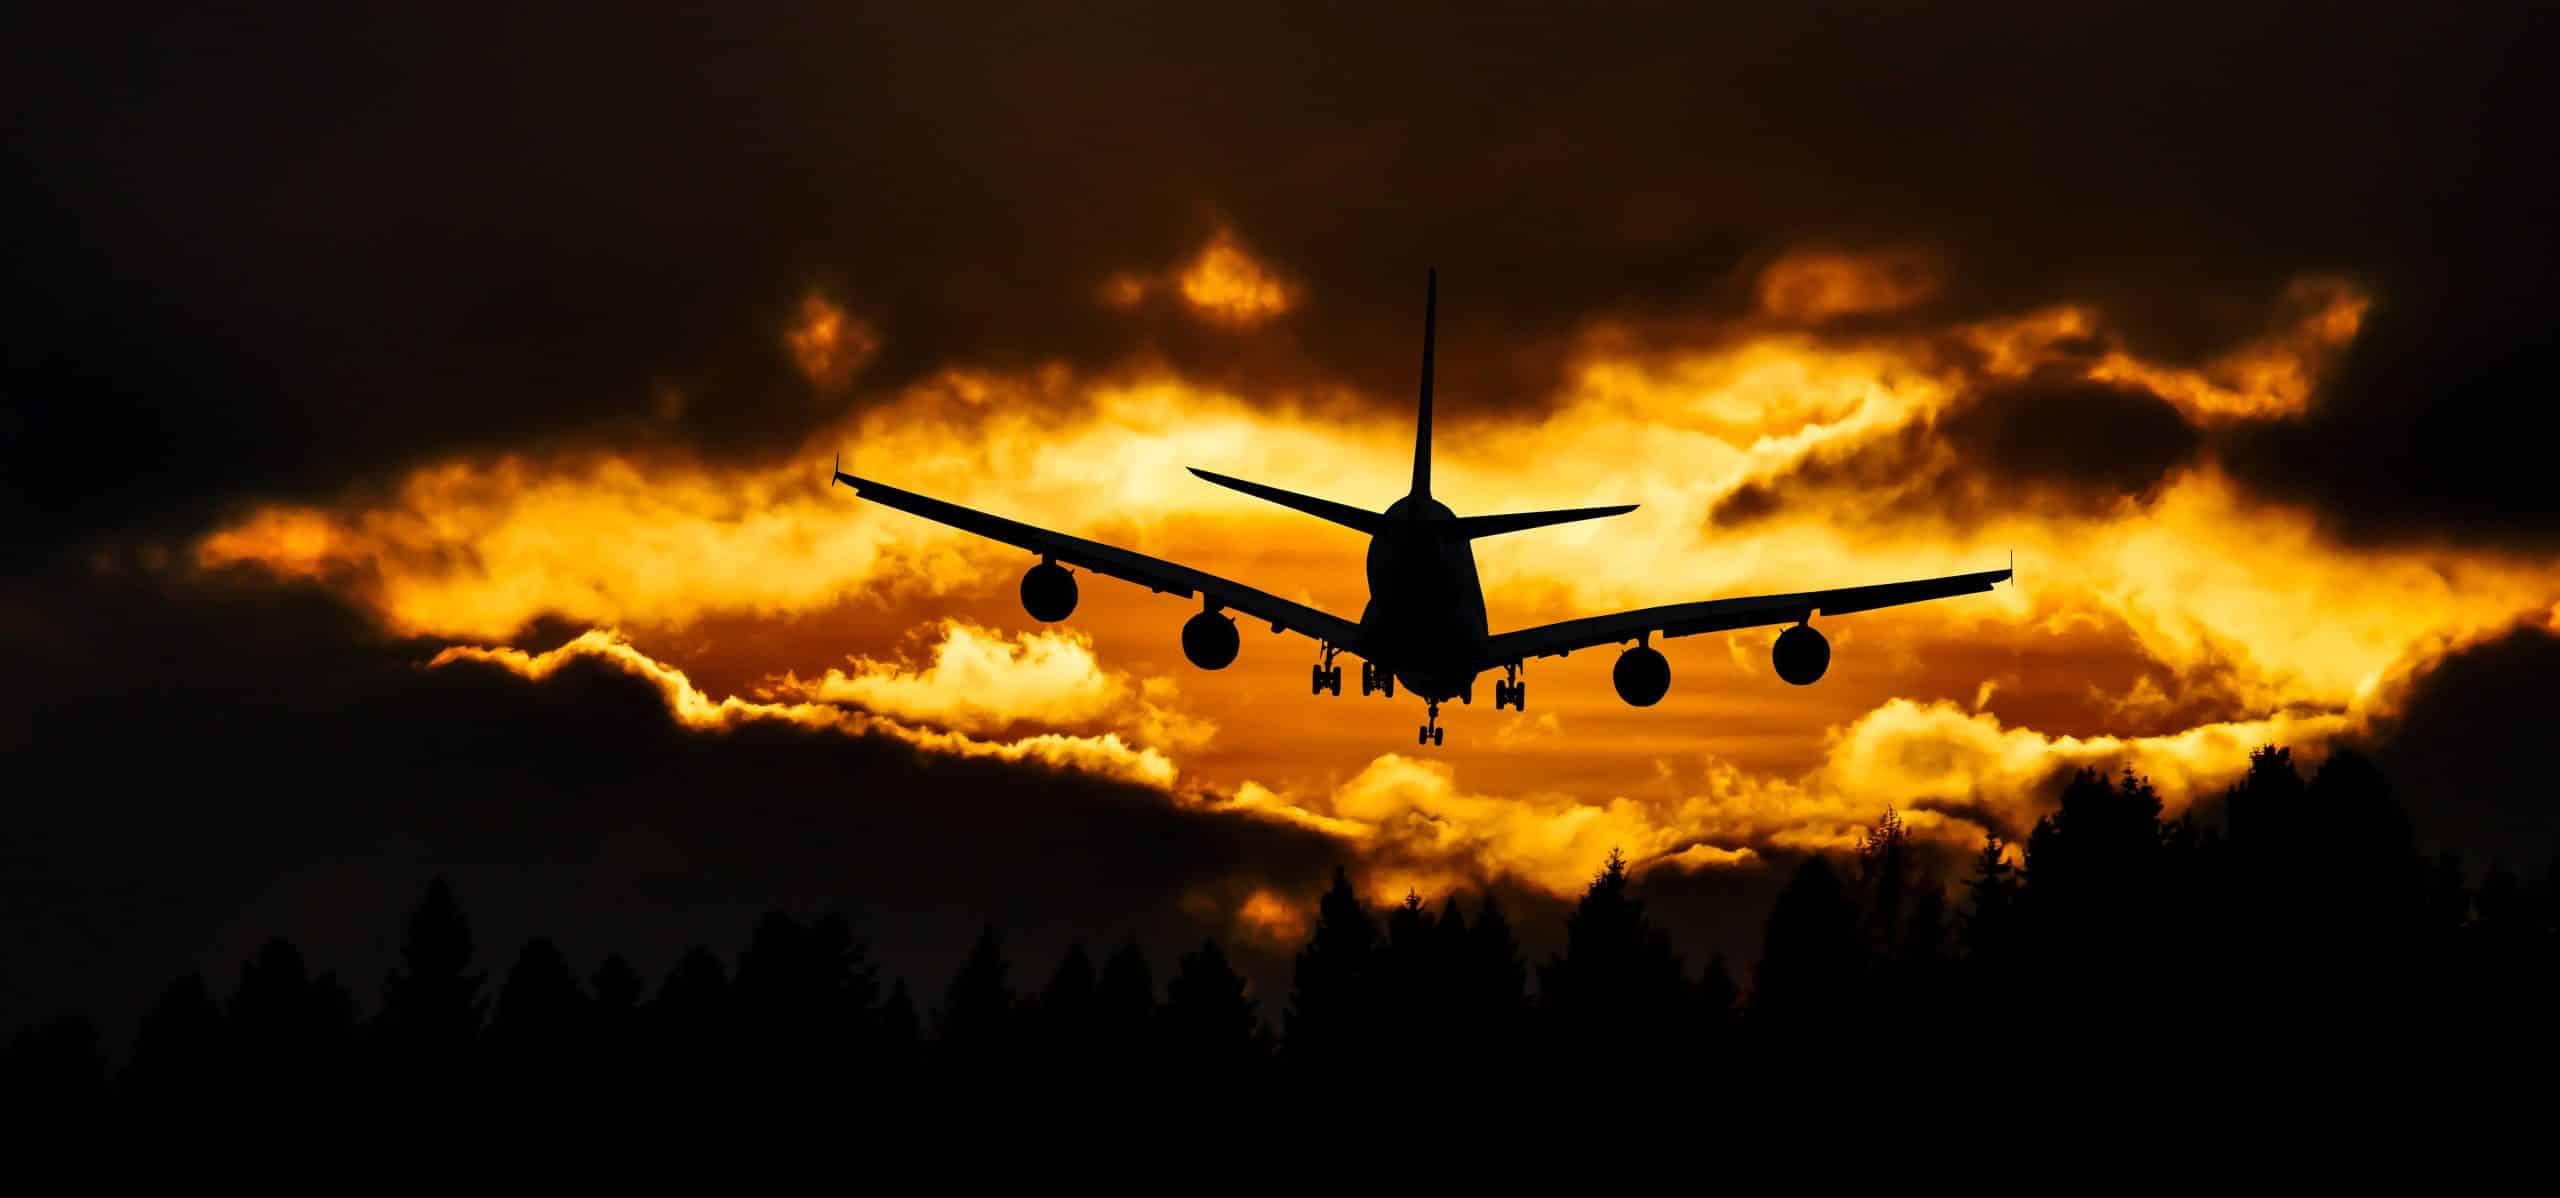 INTERNATIONAL OCEAN / AIR - Ocean-Air Freight Ltd